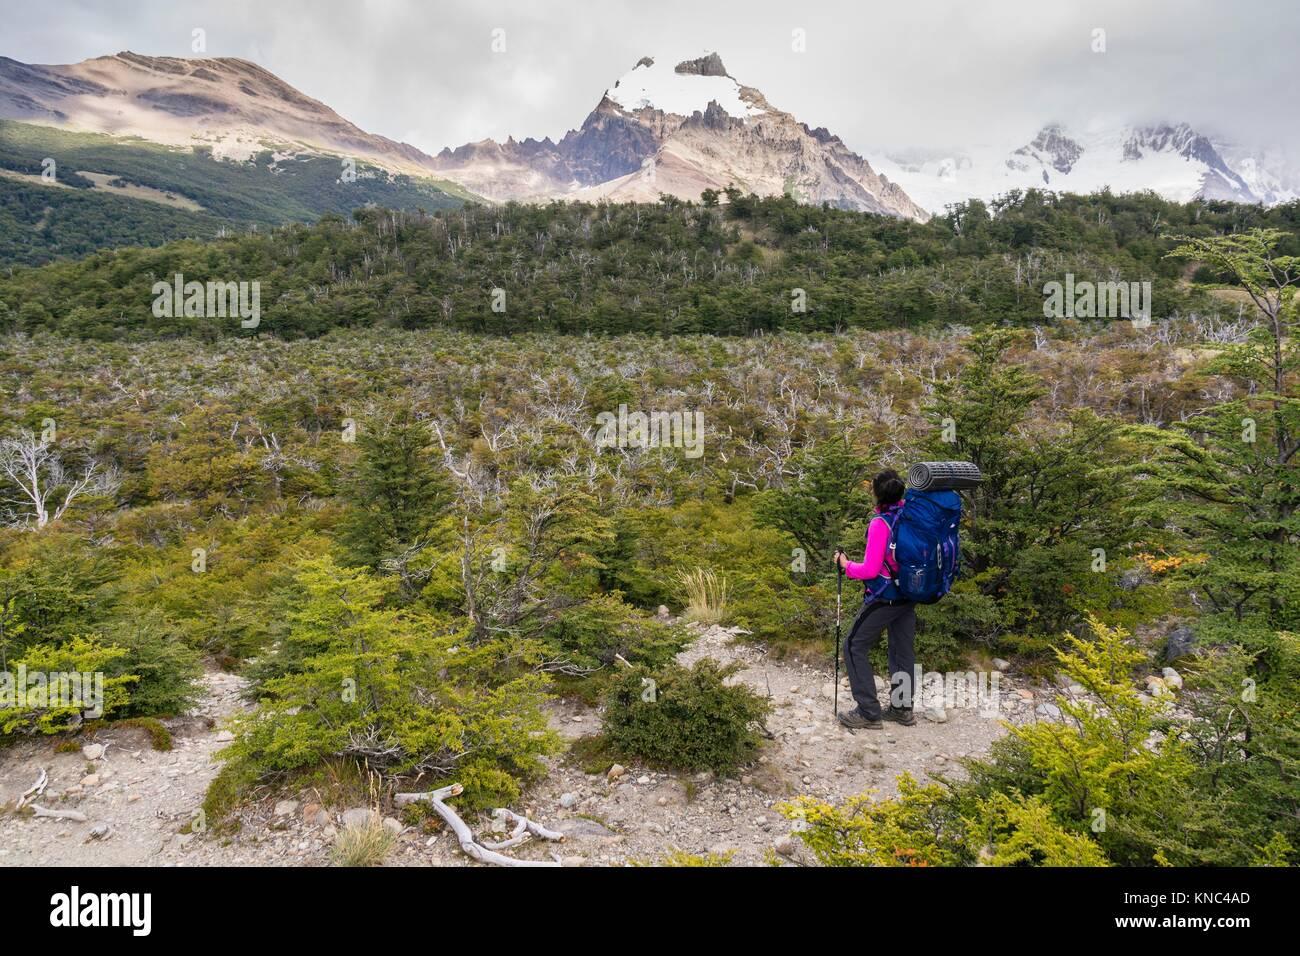 senda de las lagunas Madre e Hija, parque nacional Los Glaciares, Patagonia, Argentina. - Stock Image